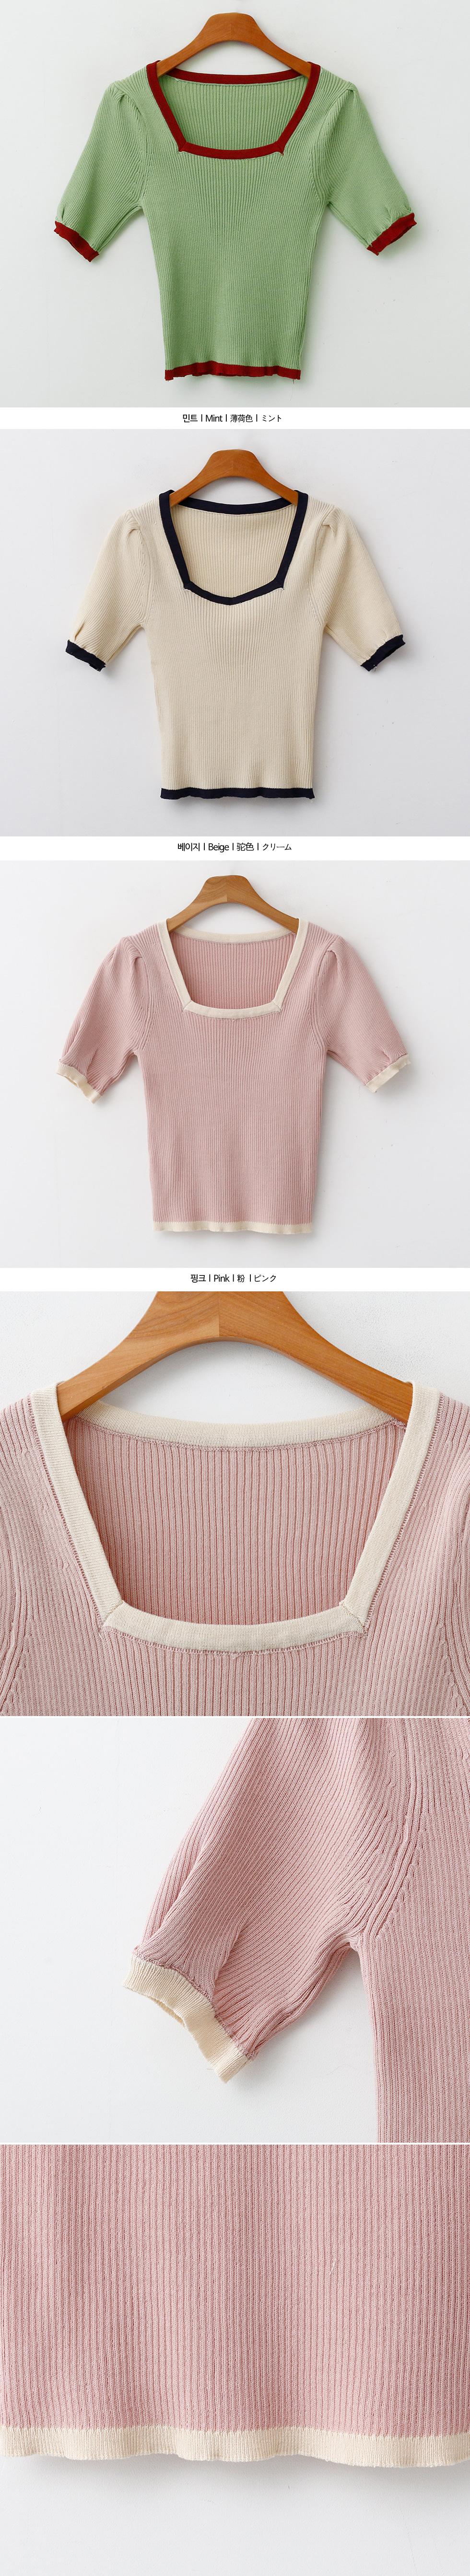 Cornisquare Knitwear